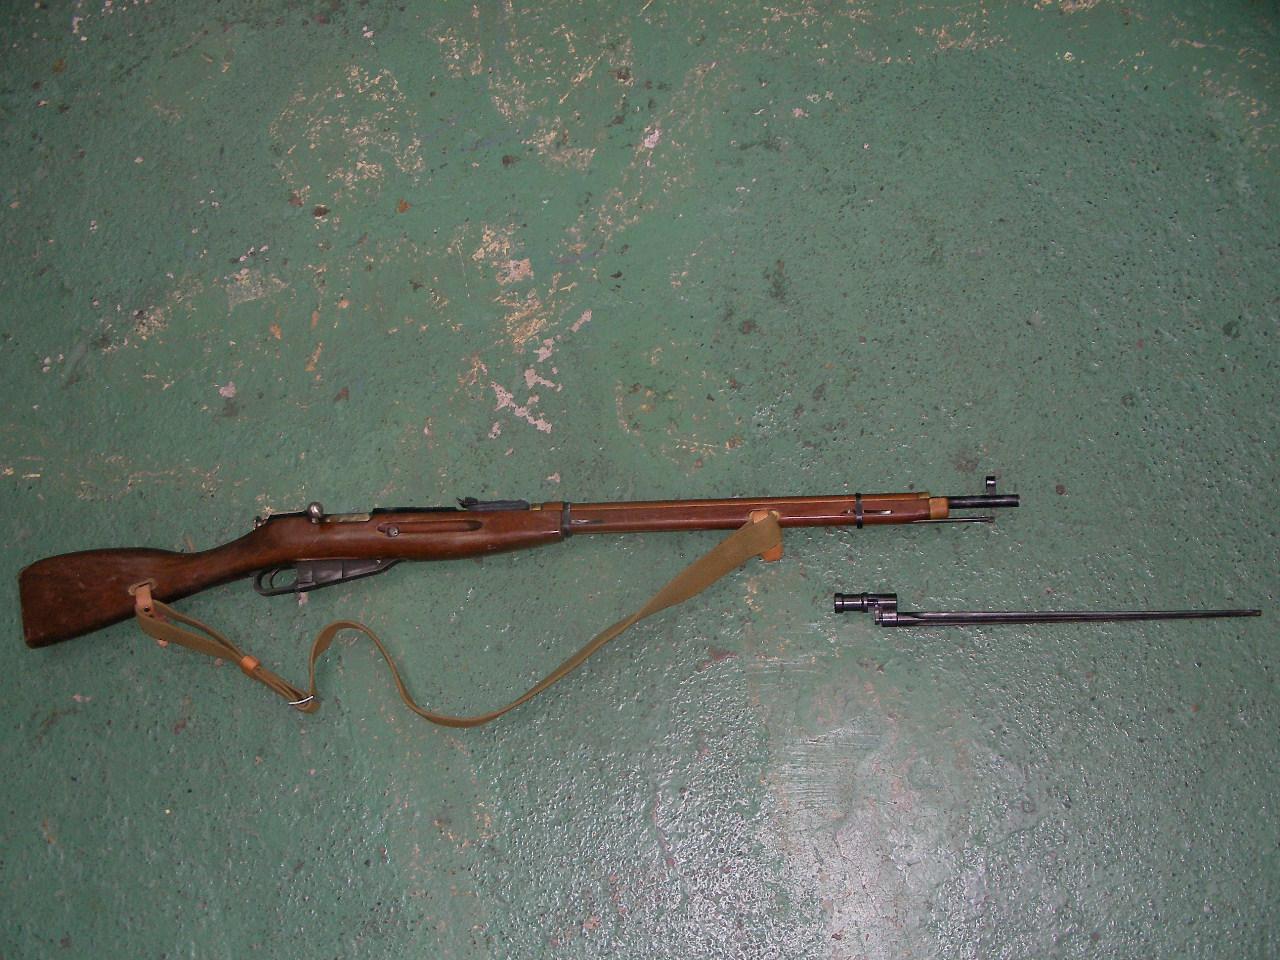 モシンナガン小銃(M1891/30)